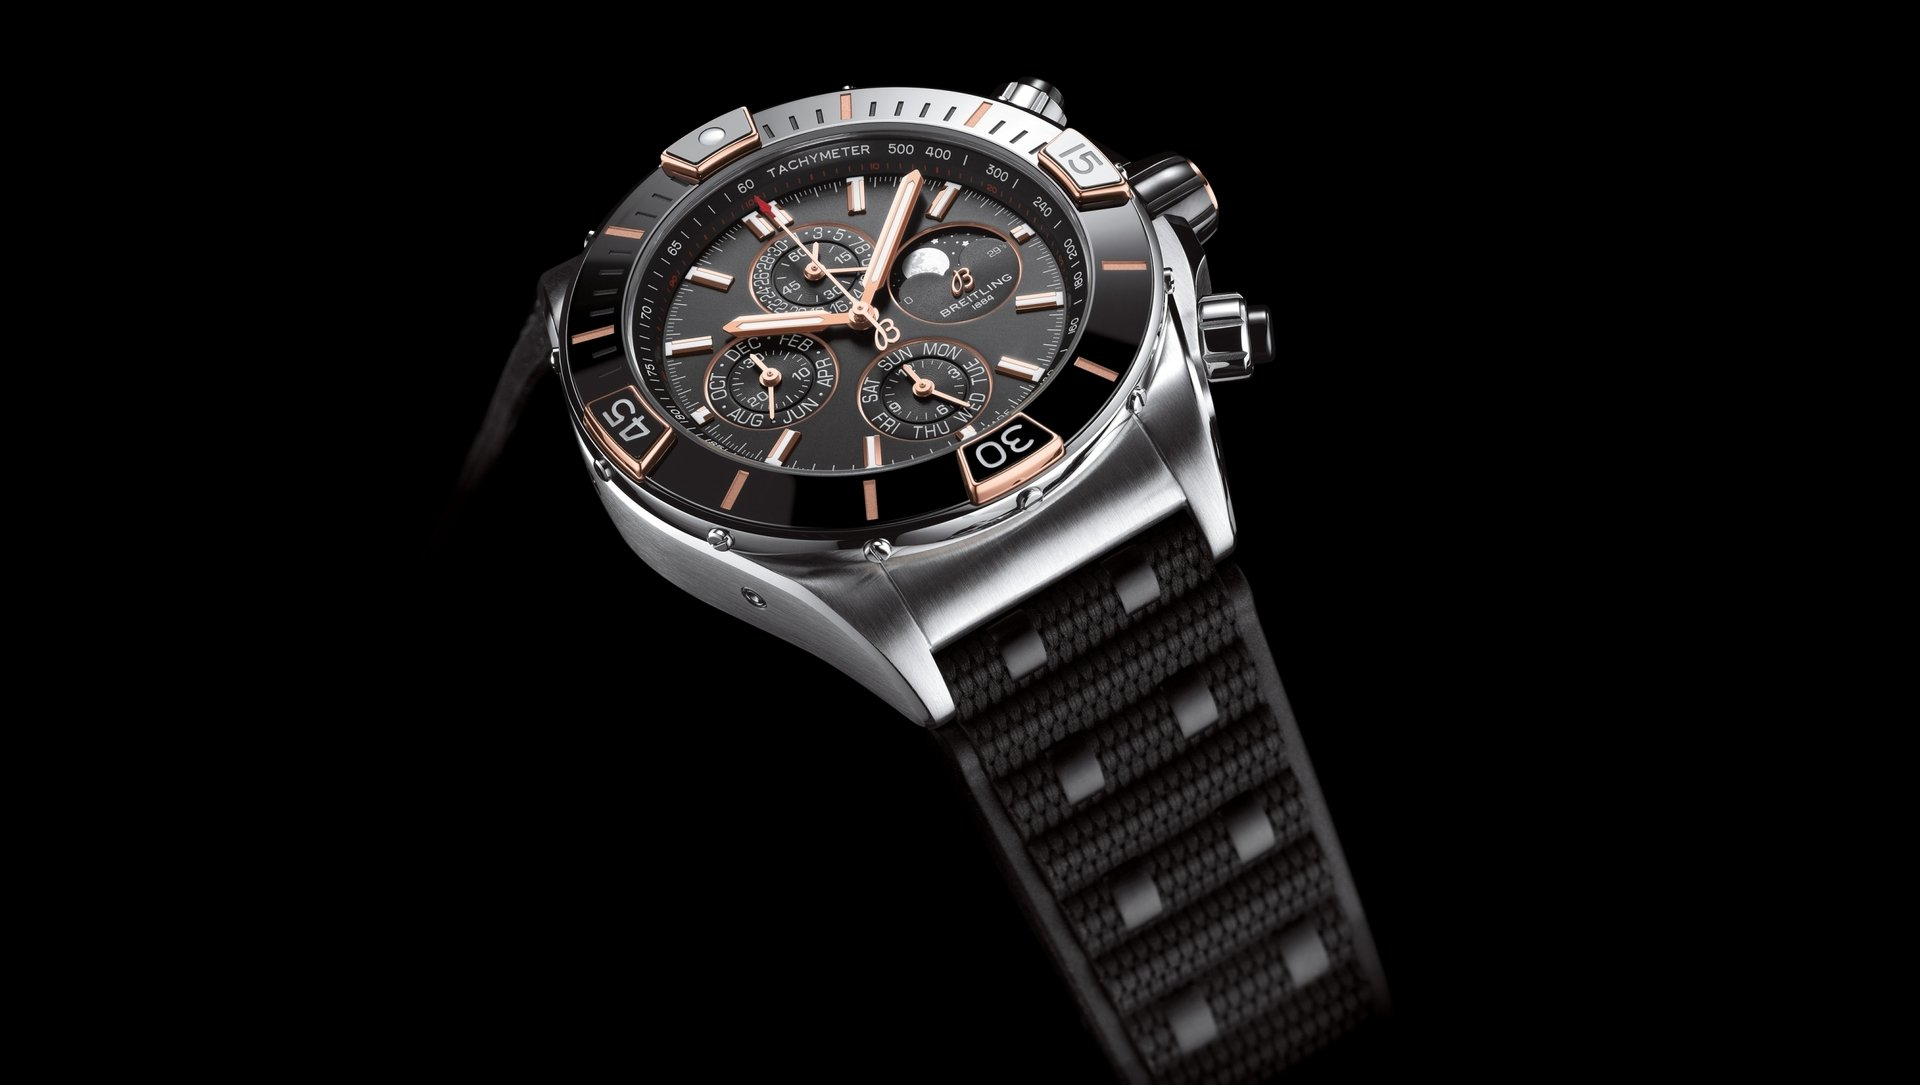 Breitling Super Chronomat 44 Four-Year Calendar I19320251B1S1 Detalle